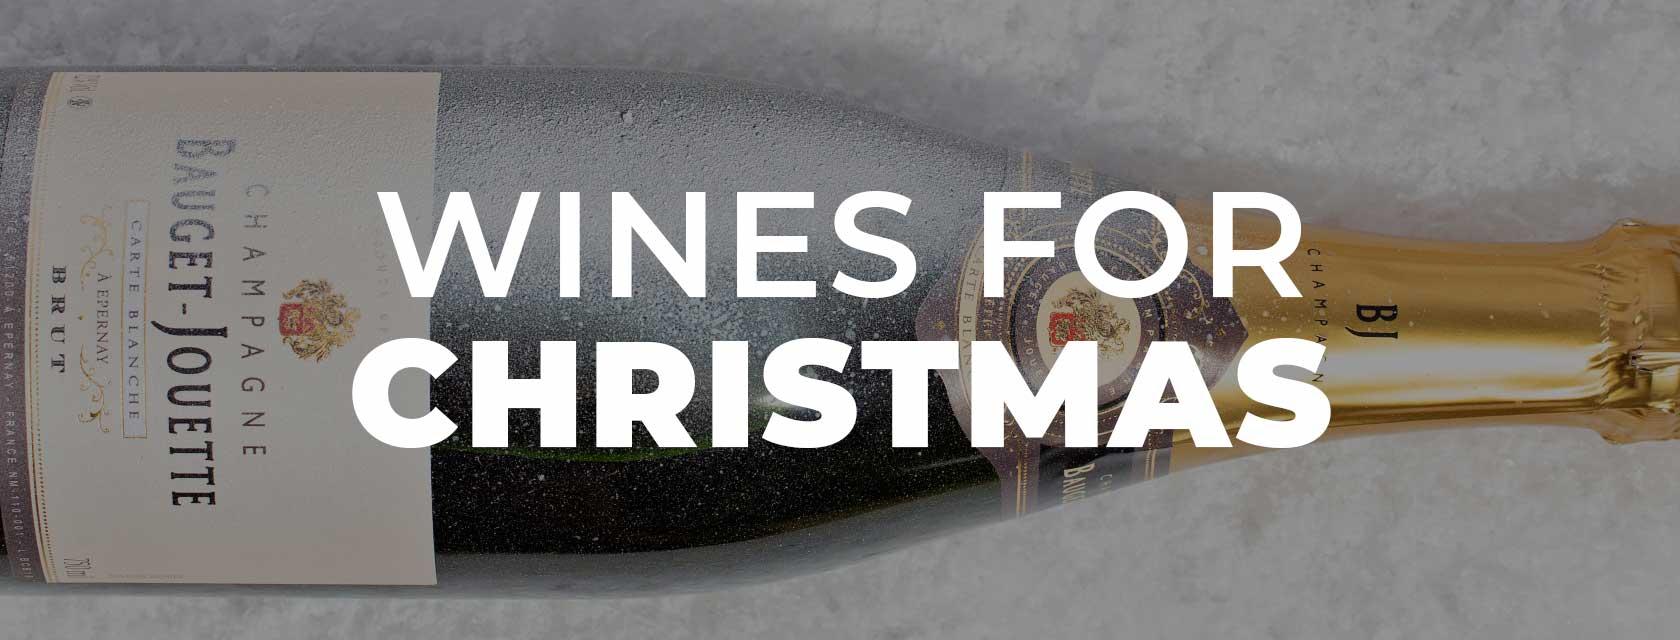 Christmas Promo Banner Image